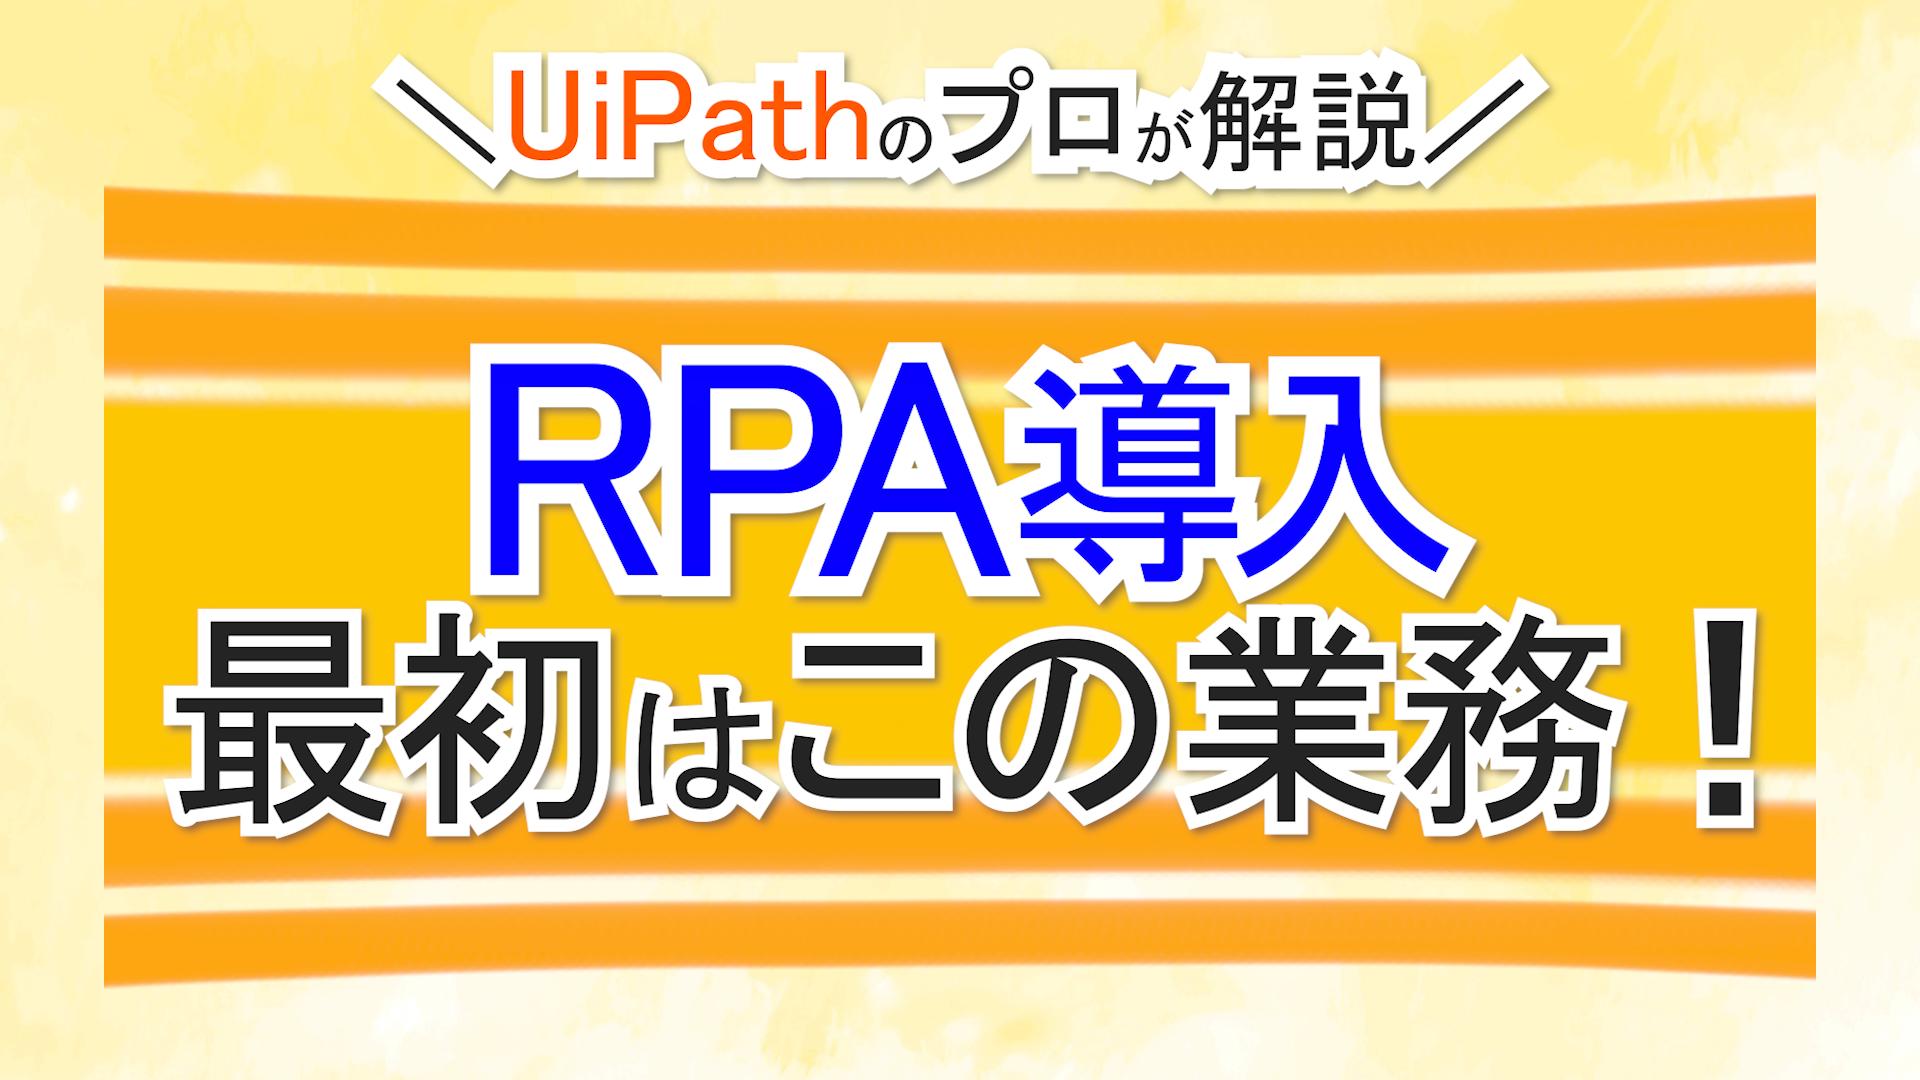 【90秒RPA】RPA導入に適した業務、優先させるべき業務とは【UiPathセミナー講師が解説】